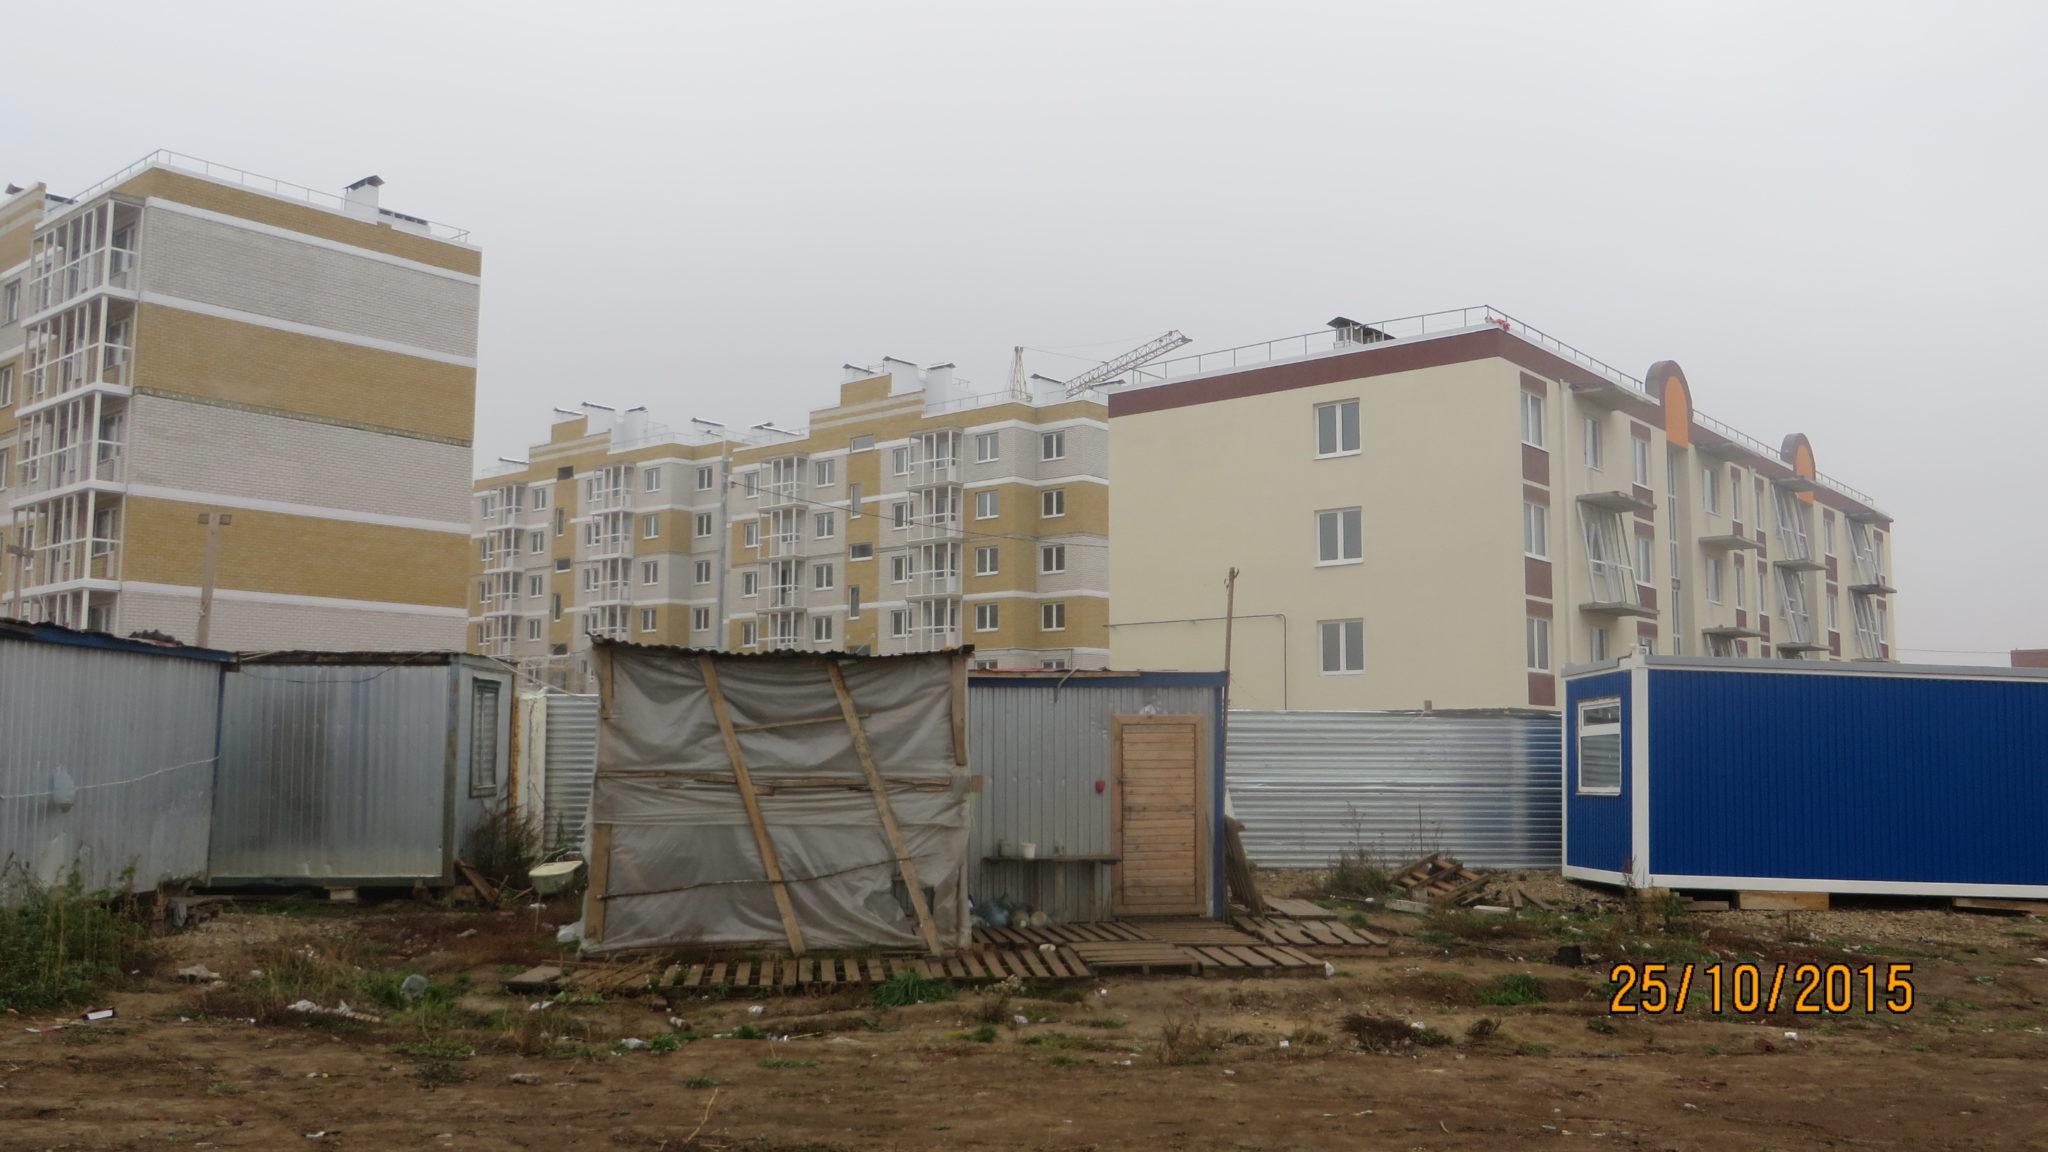 Фото домов ЖК Петровский квартал по Одоевскому шоссе г. Тулы. ООО СТРОЙ АЛЬЯНС